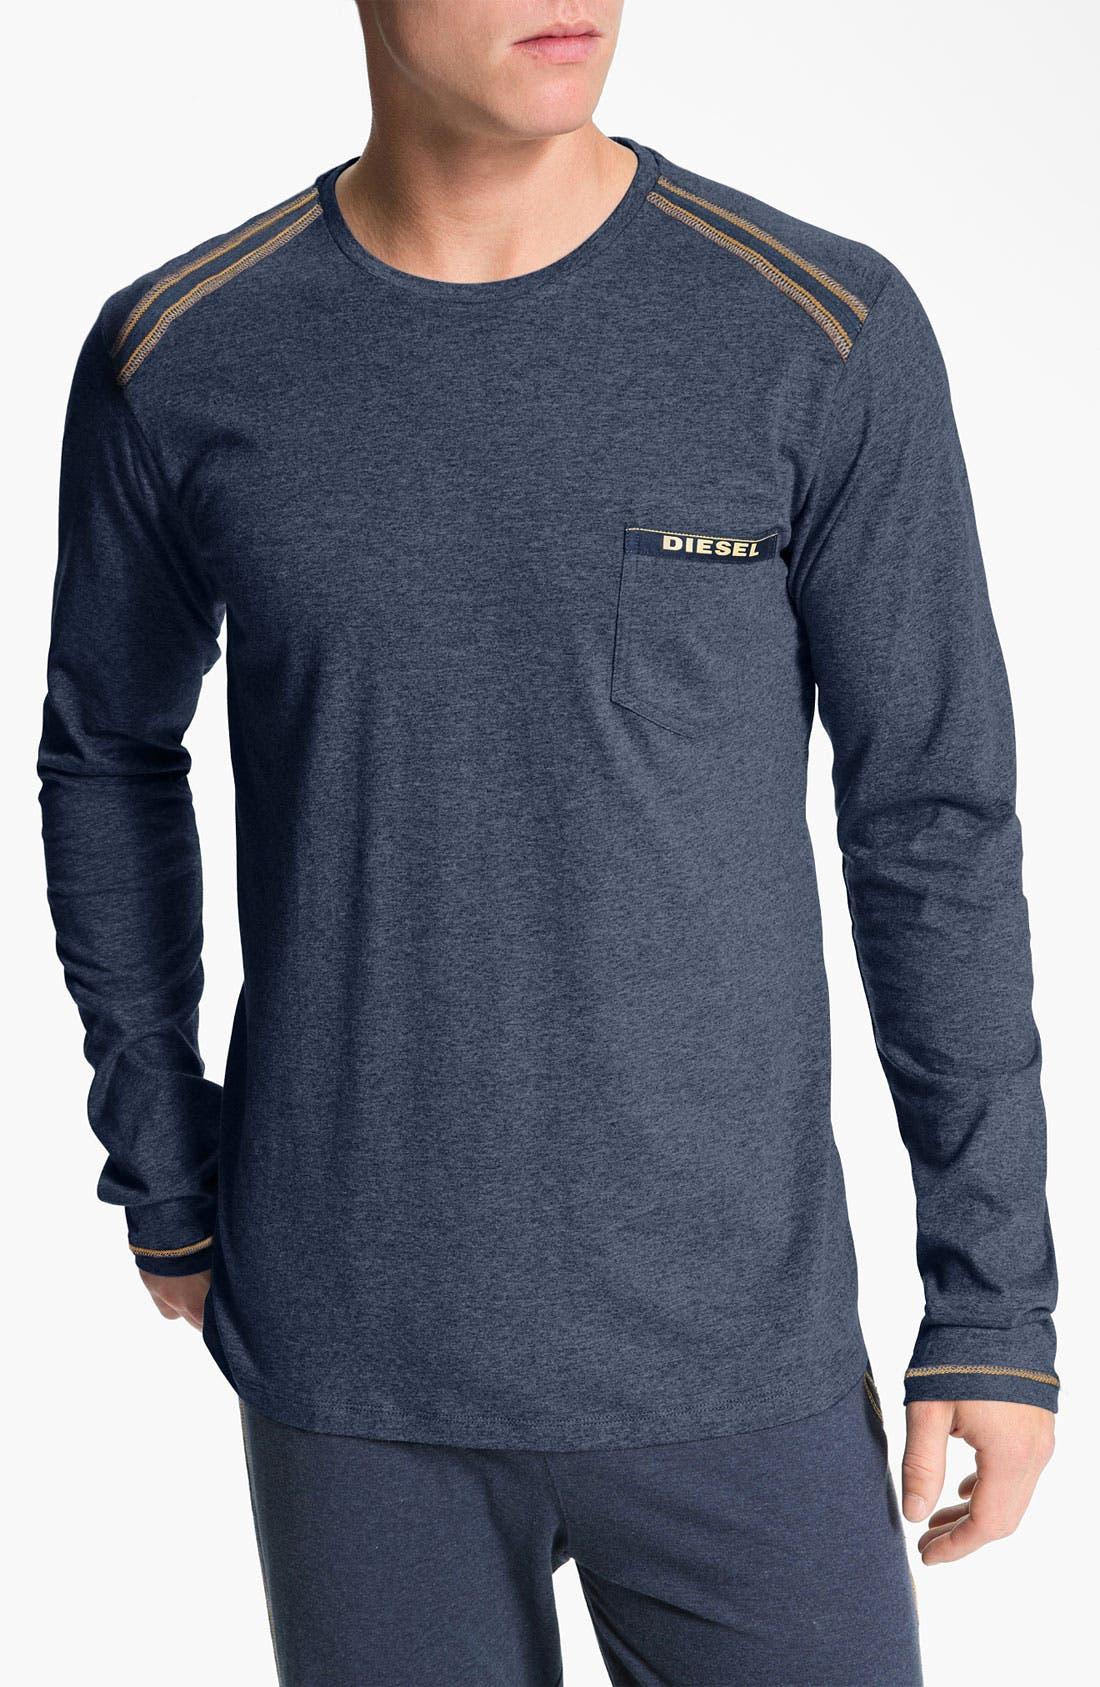 Alternate Image 1 Selected - DIESEL® 'Justin' Long Sleeve T-Shirt